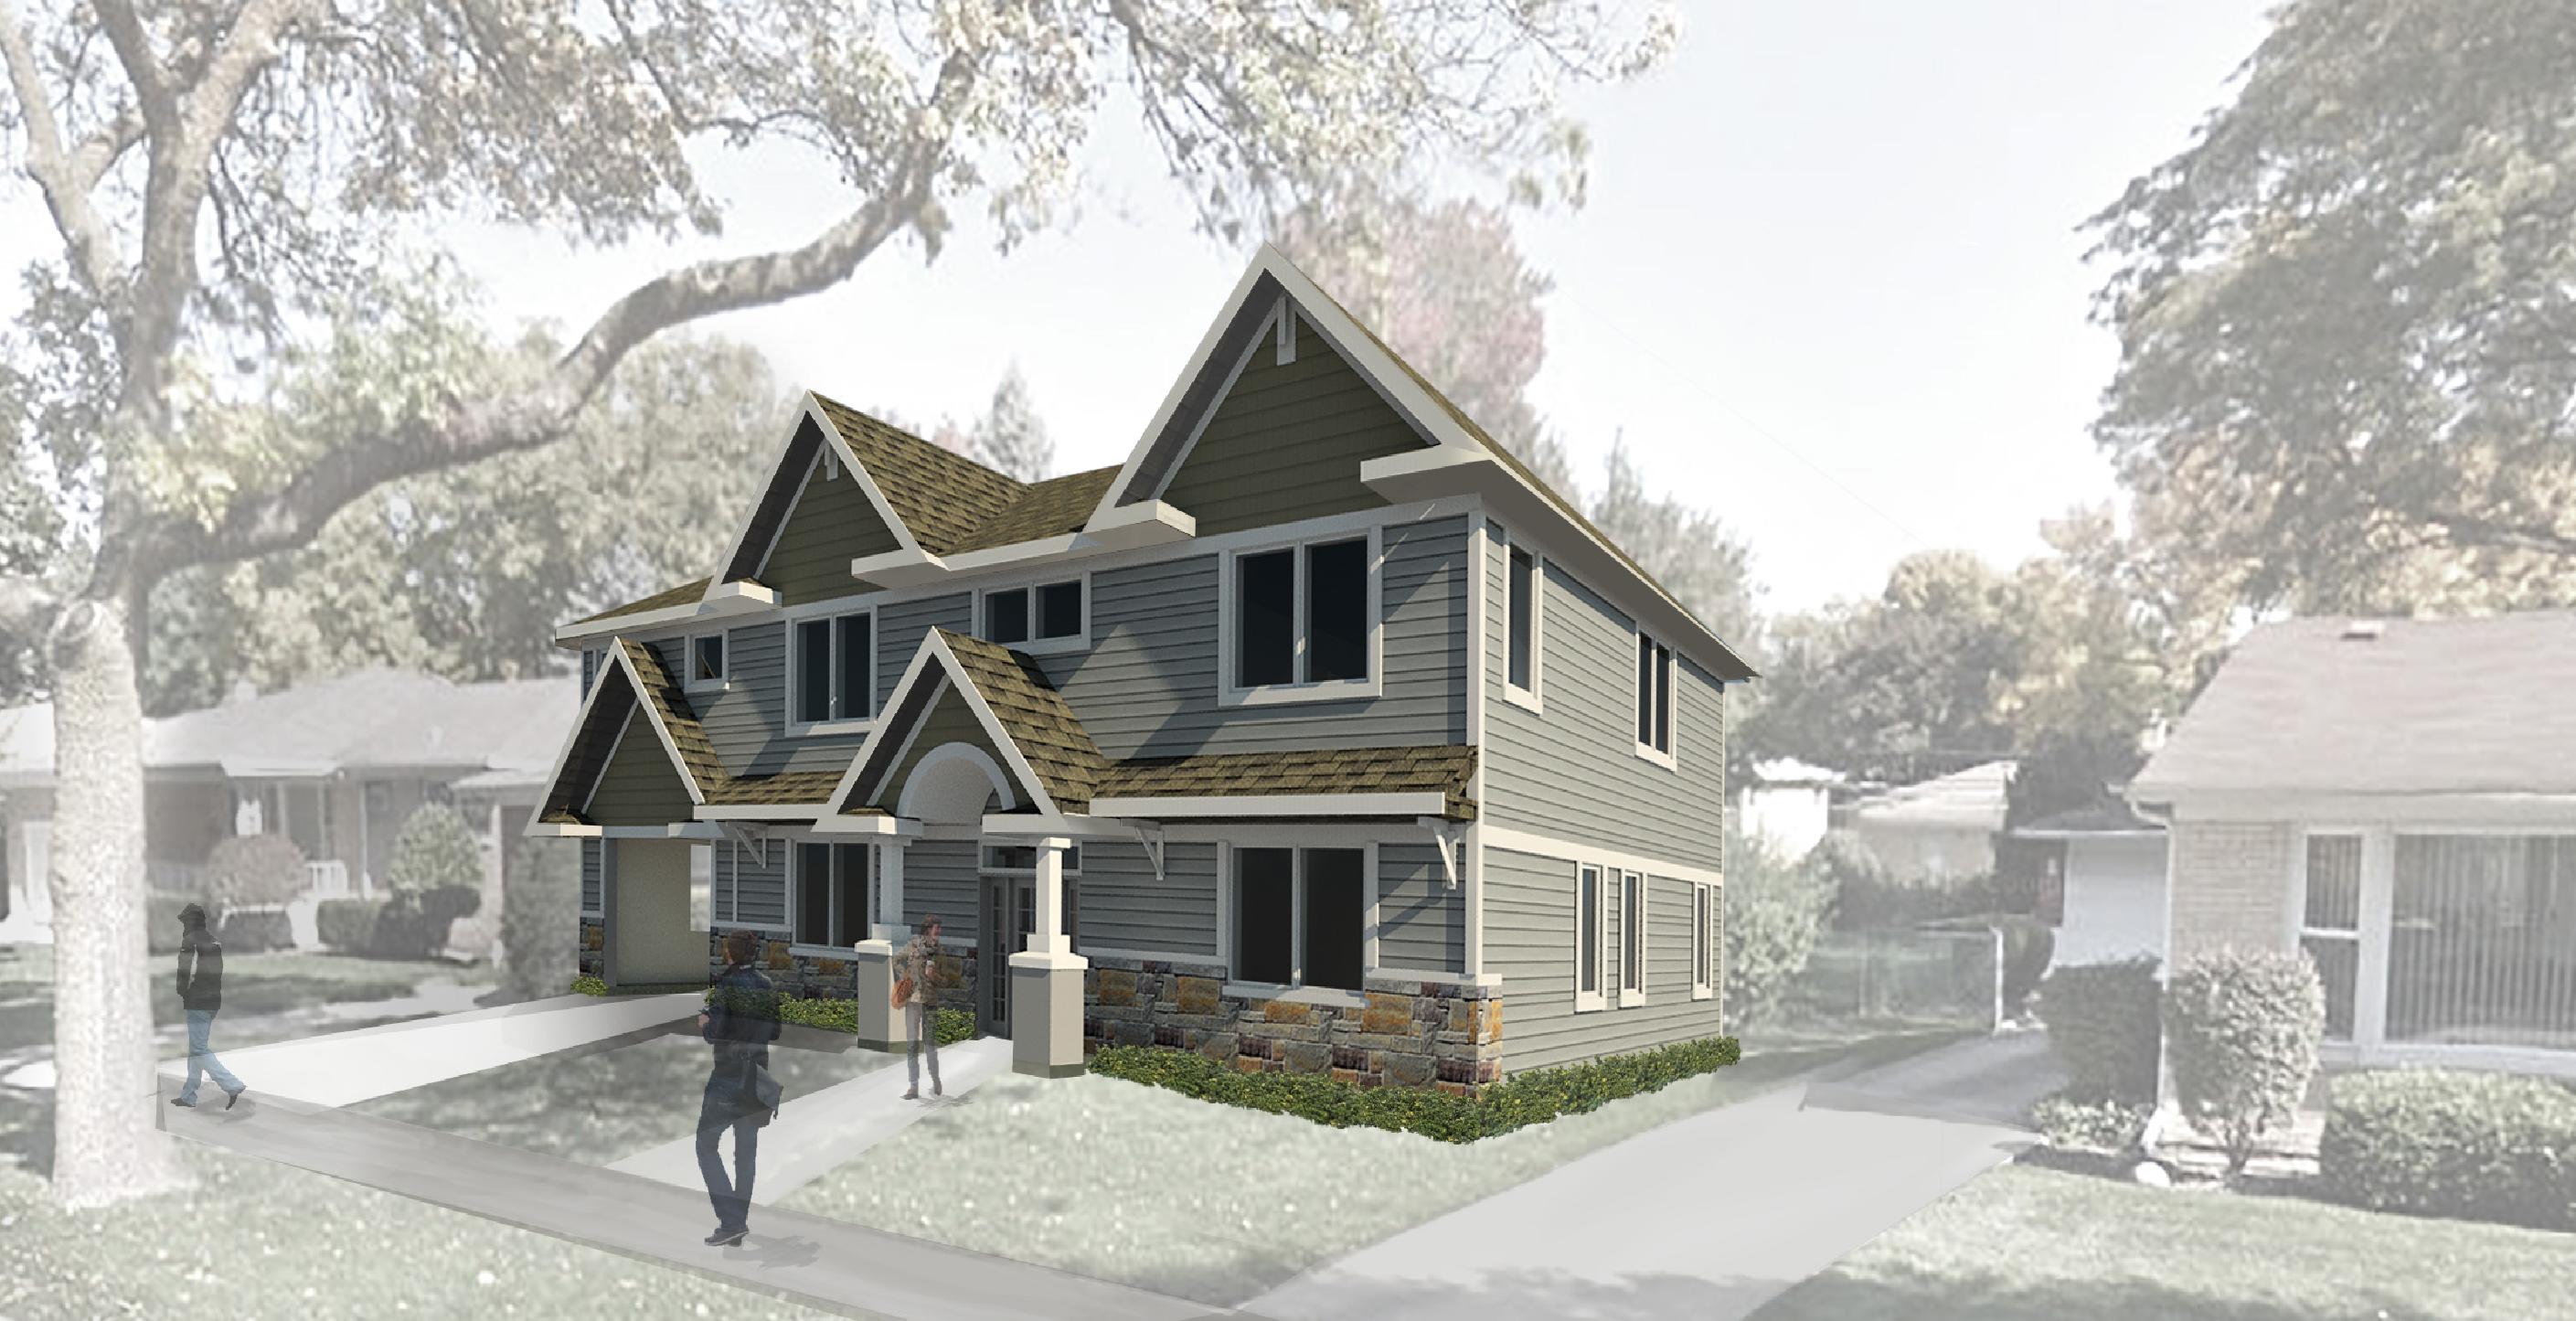 House/Residential Rendering